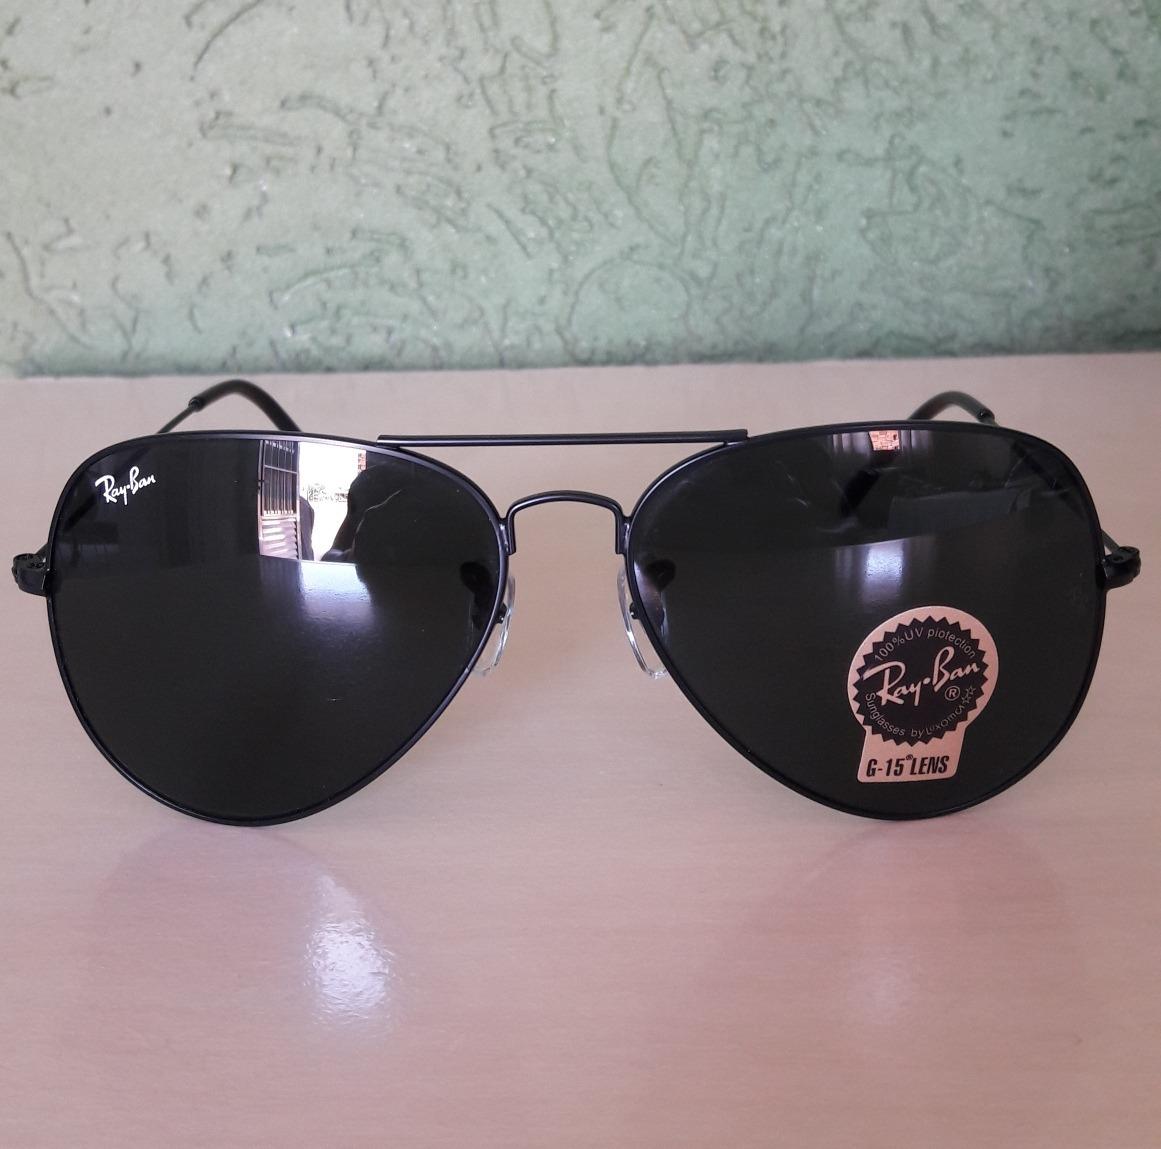 4b195d74d óculos ray ban aviador lente de cristal g-15 todas as cores. Carregando  zoom.